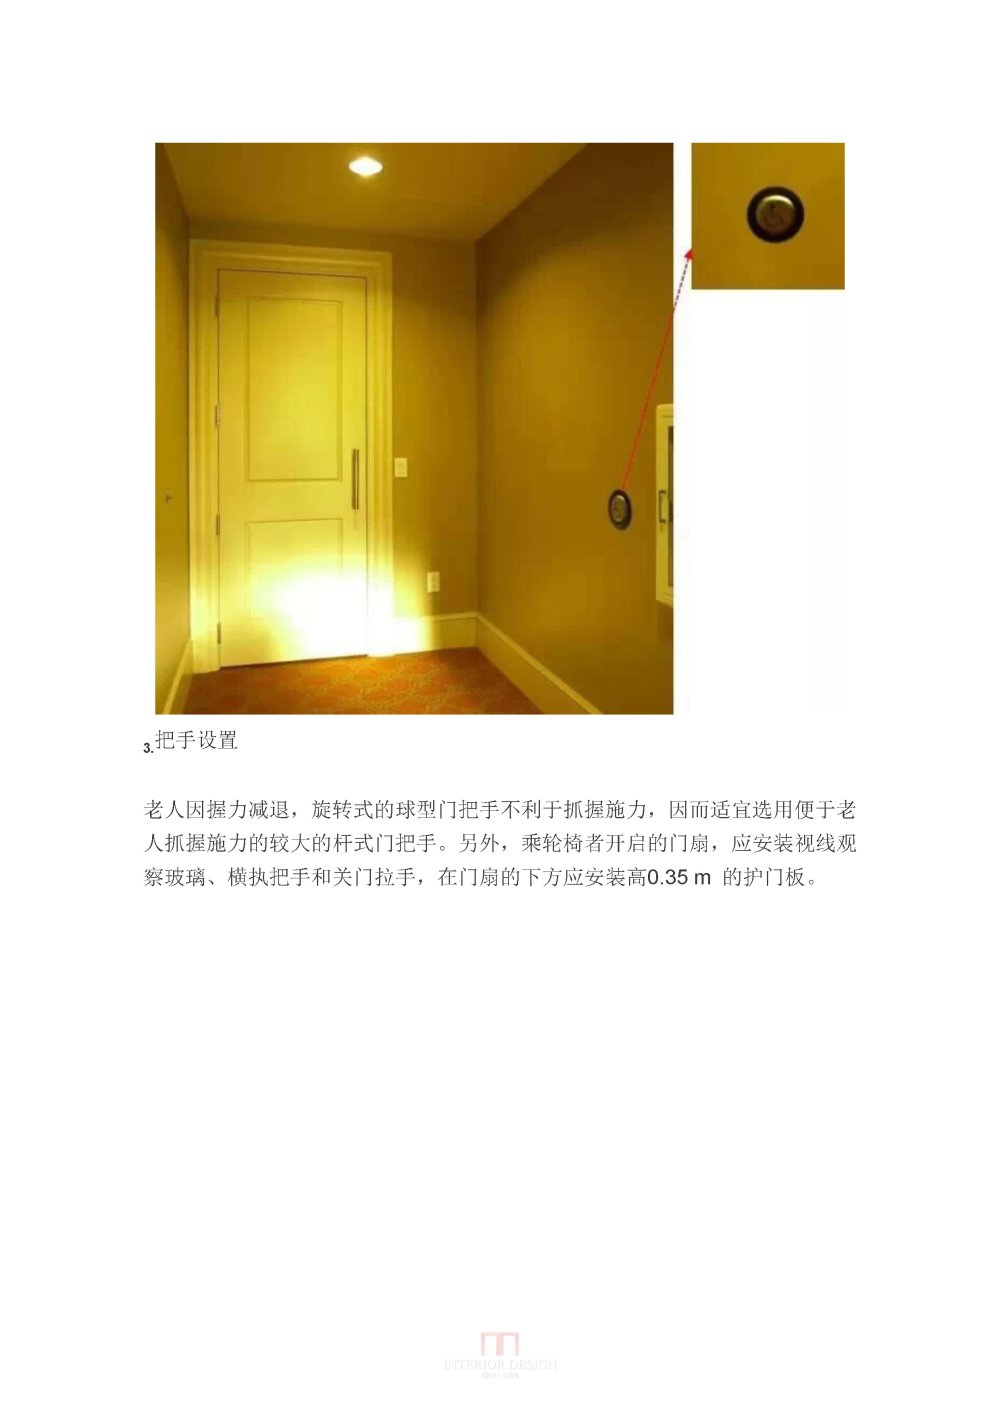 设计师必读:老年住宅中的细节设计(经典)_111 (8).jpg